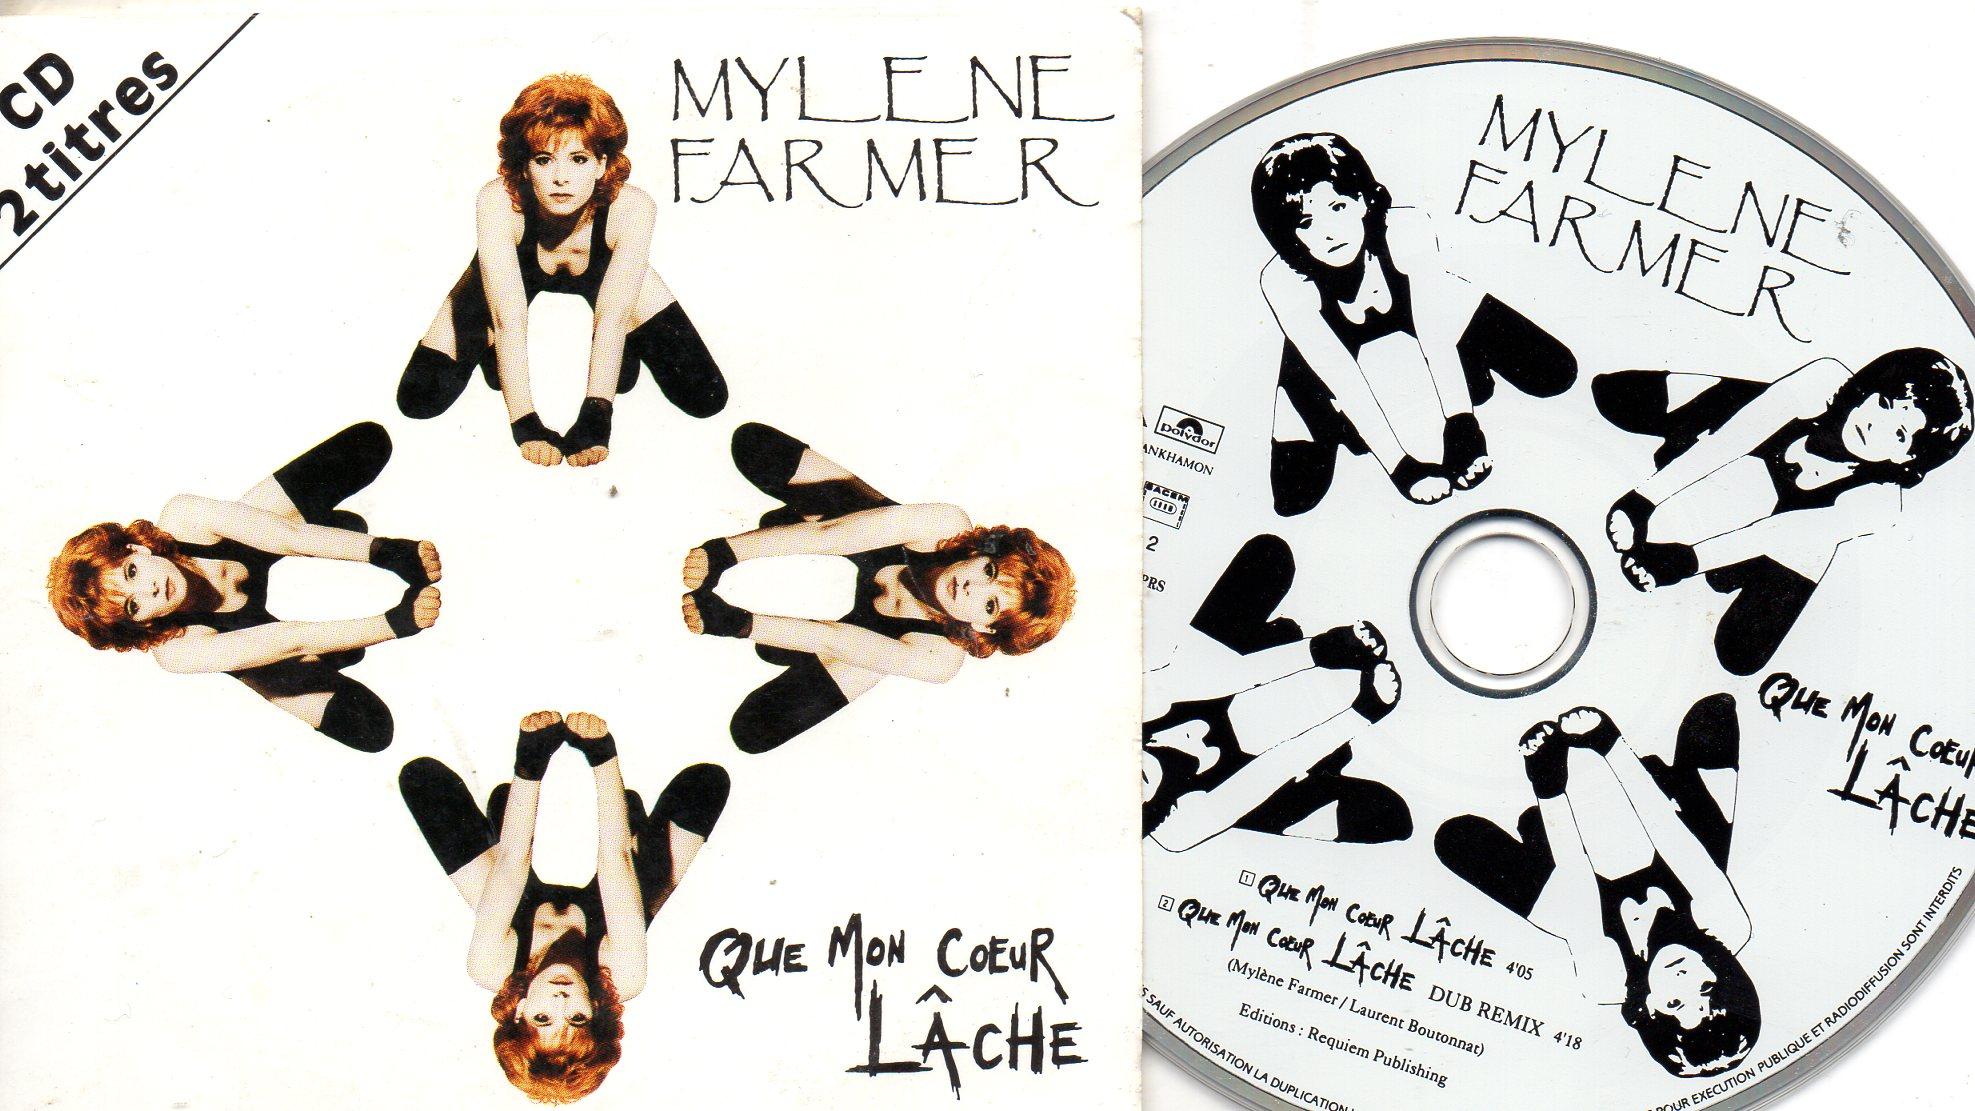 MYLÈNE FARMER - Que mon cœur lache 2-track CARD SLEEVE - CD single